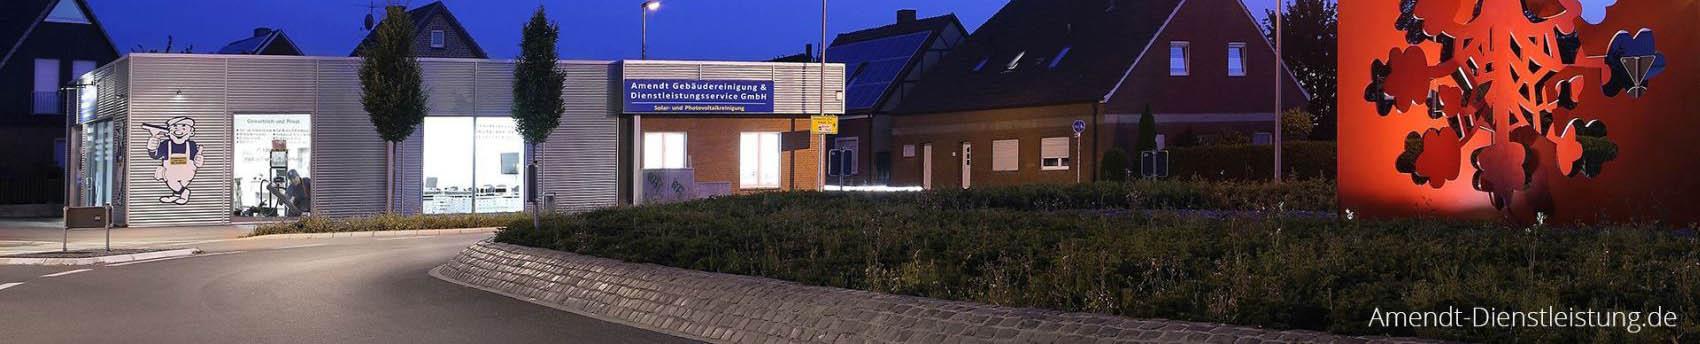 Gebäudereinigung-Münster-Amendt-Dienstleistungsservice-Firmenzentrale-Telgte-_